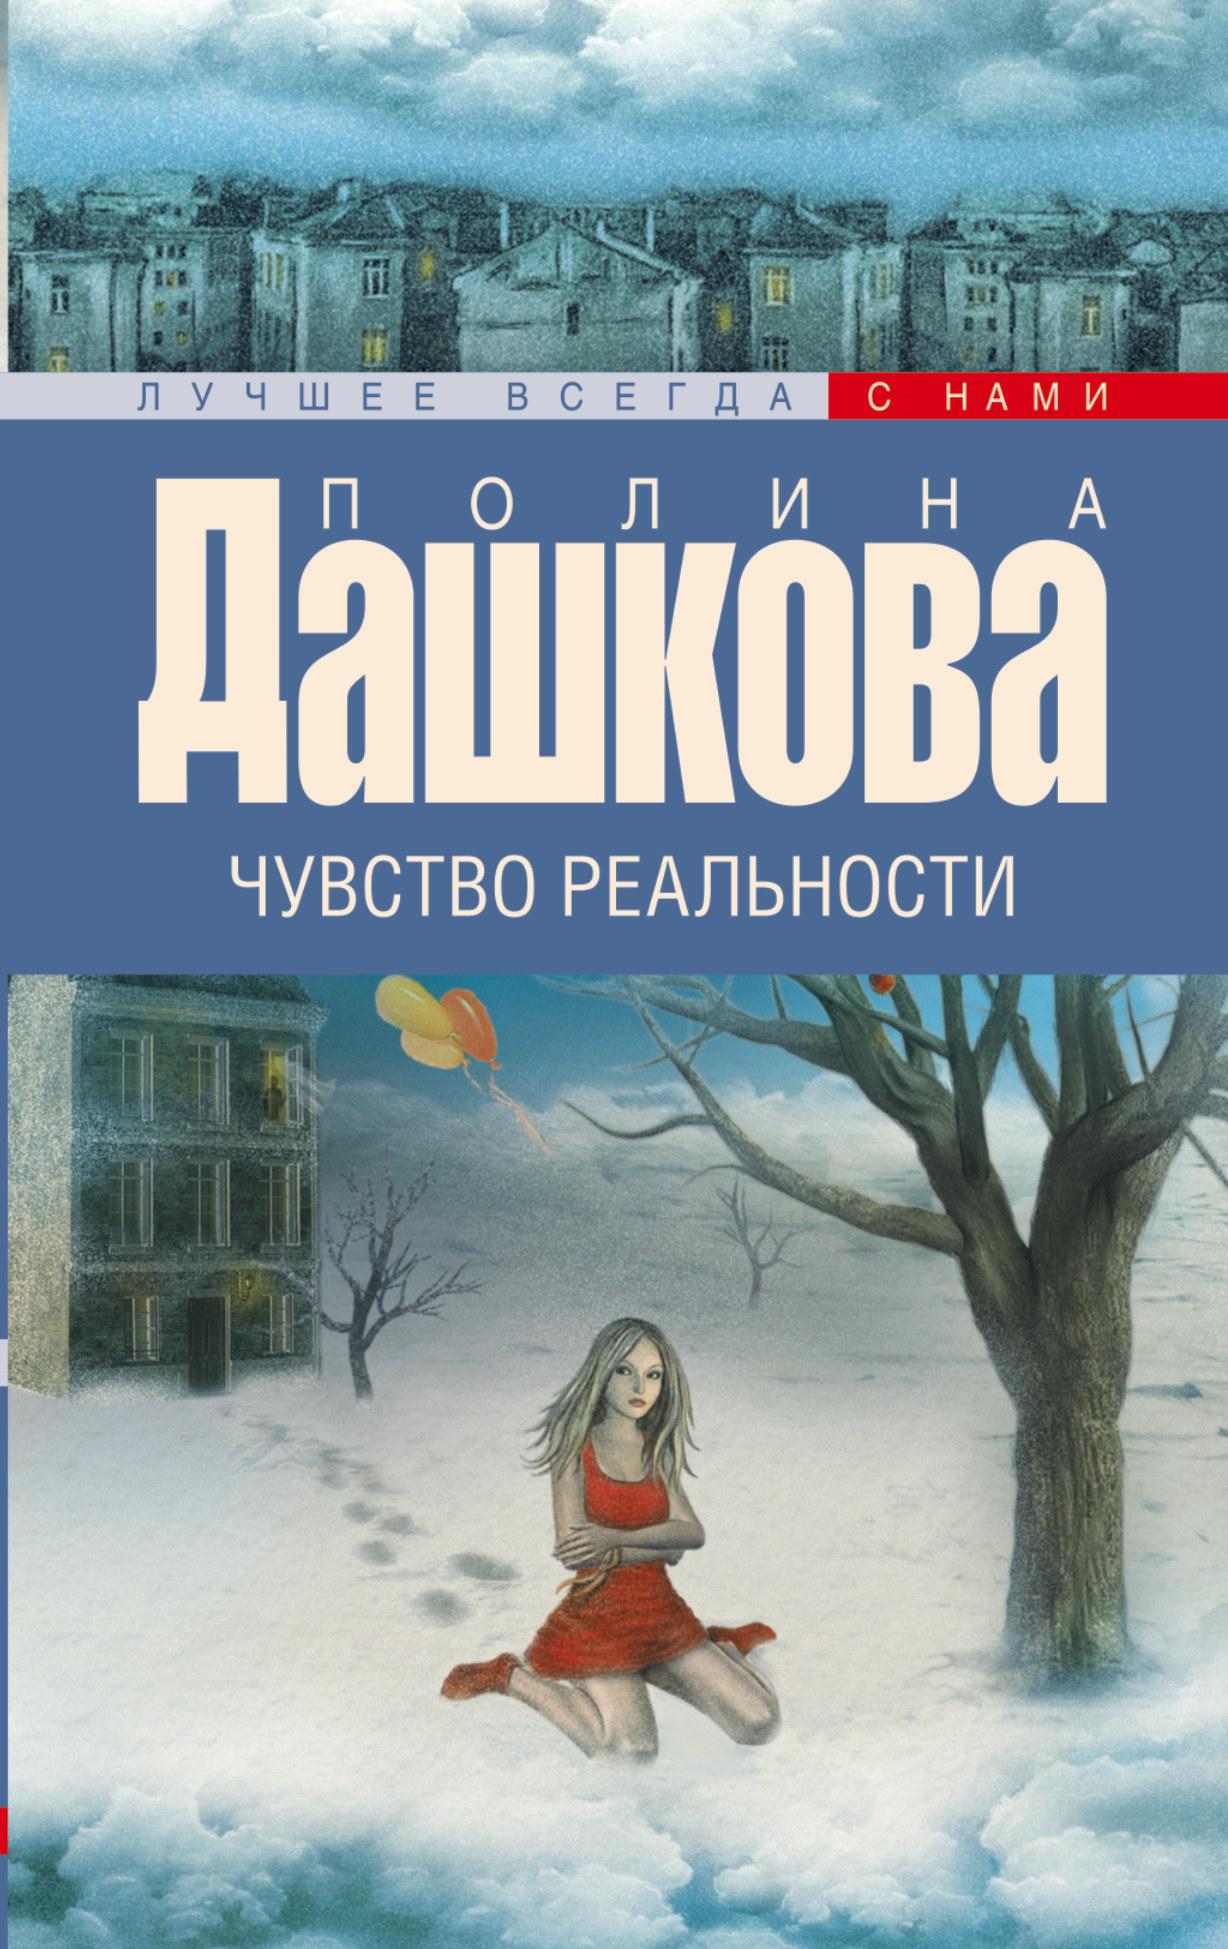 Дашкова П.В. Чувство реальности